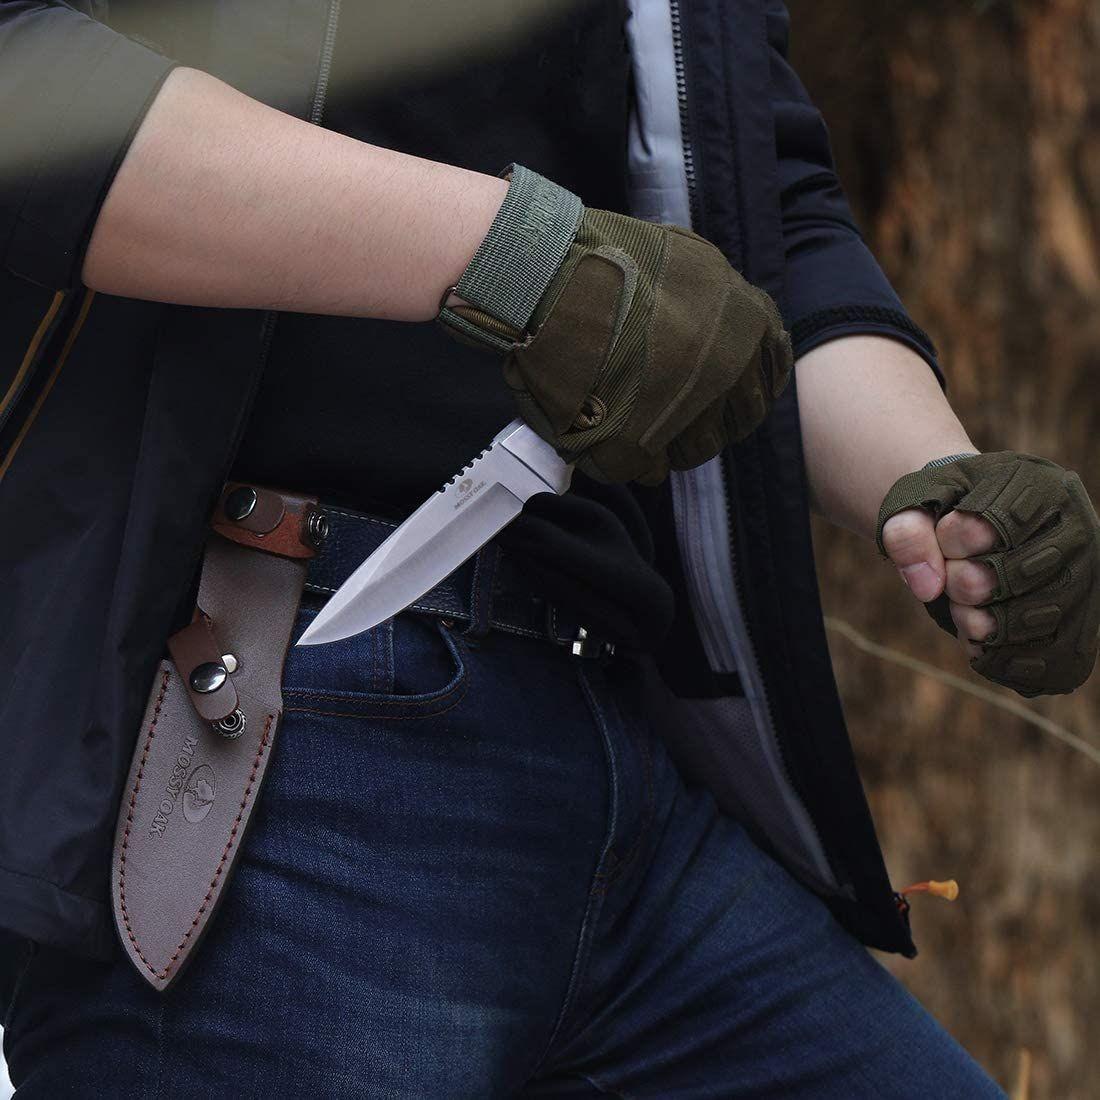 MOSSY OAK シースナイフ サバイバルナイフ 全長225mm アウトドア